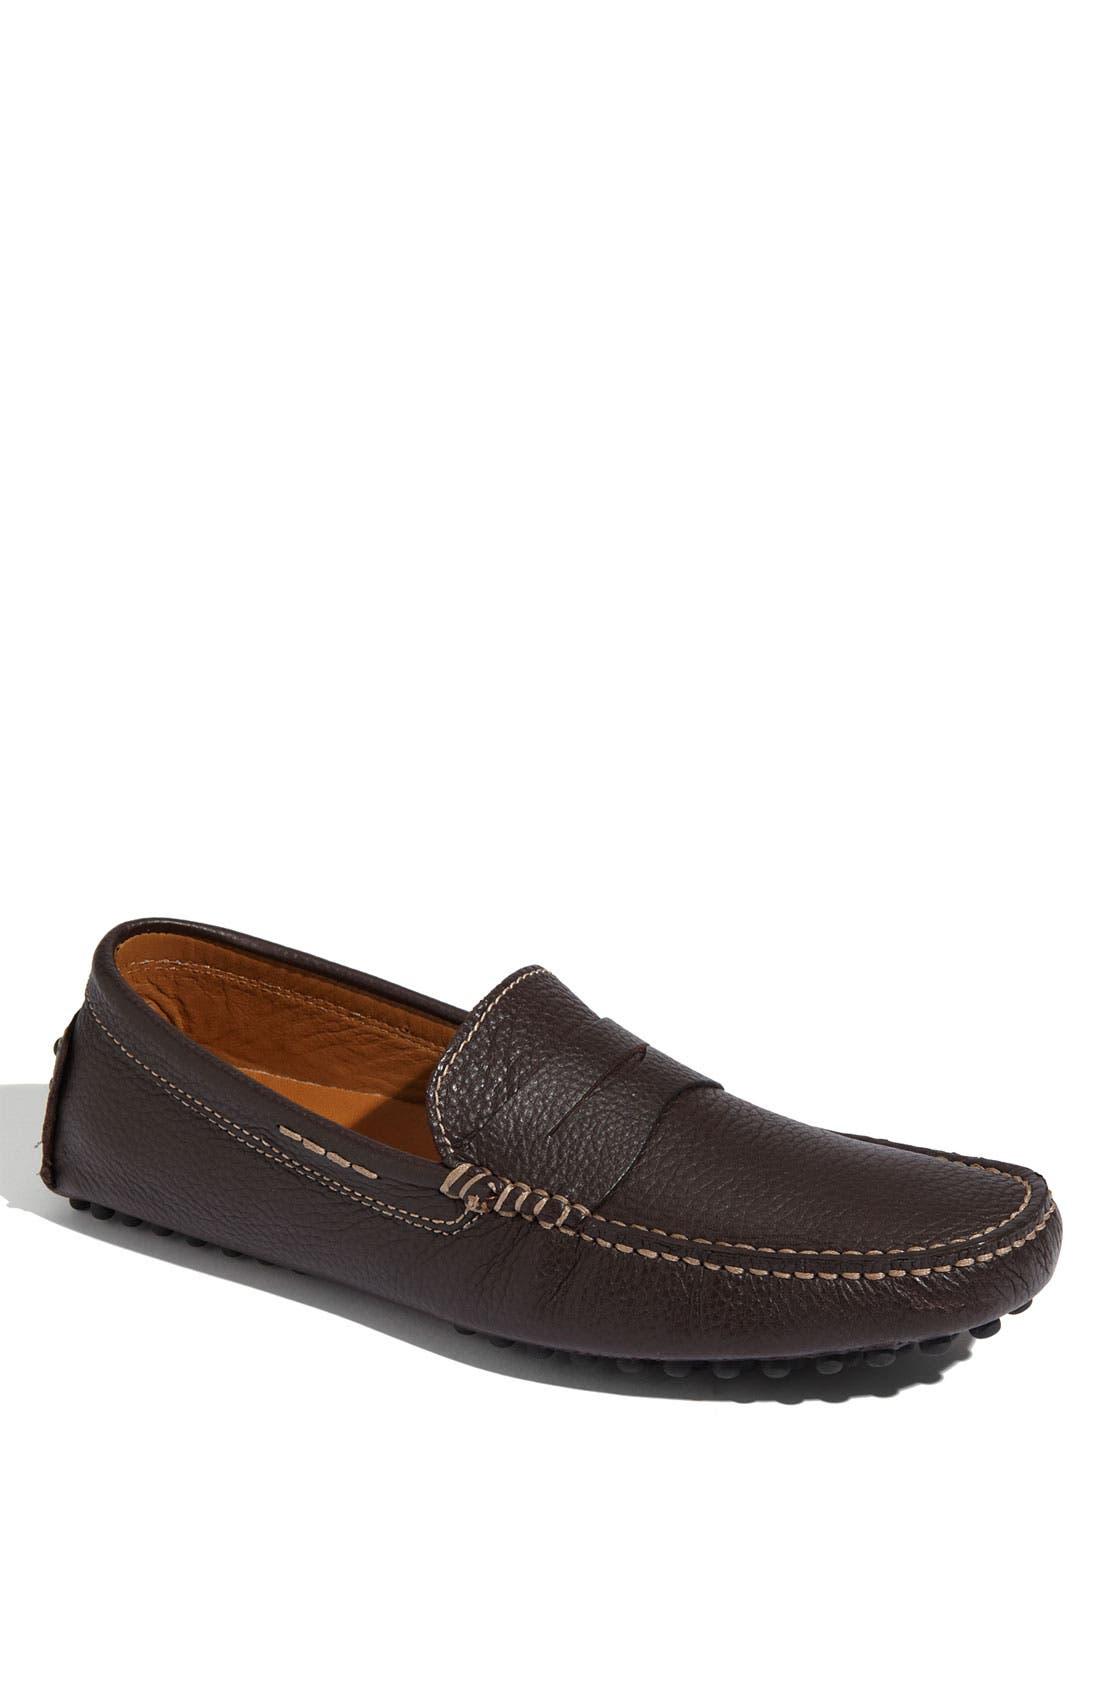 Main Image - G Brown 'Tobago' Driving Shoe